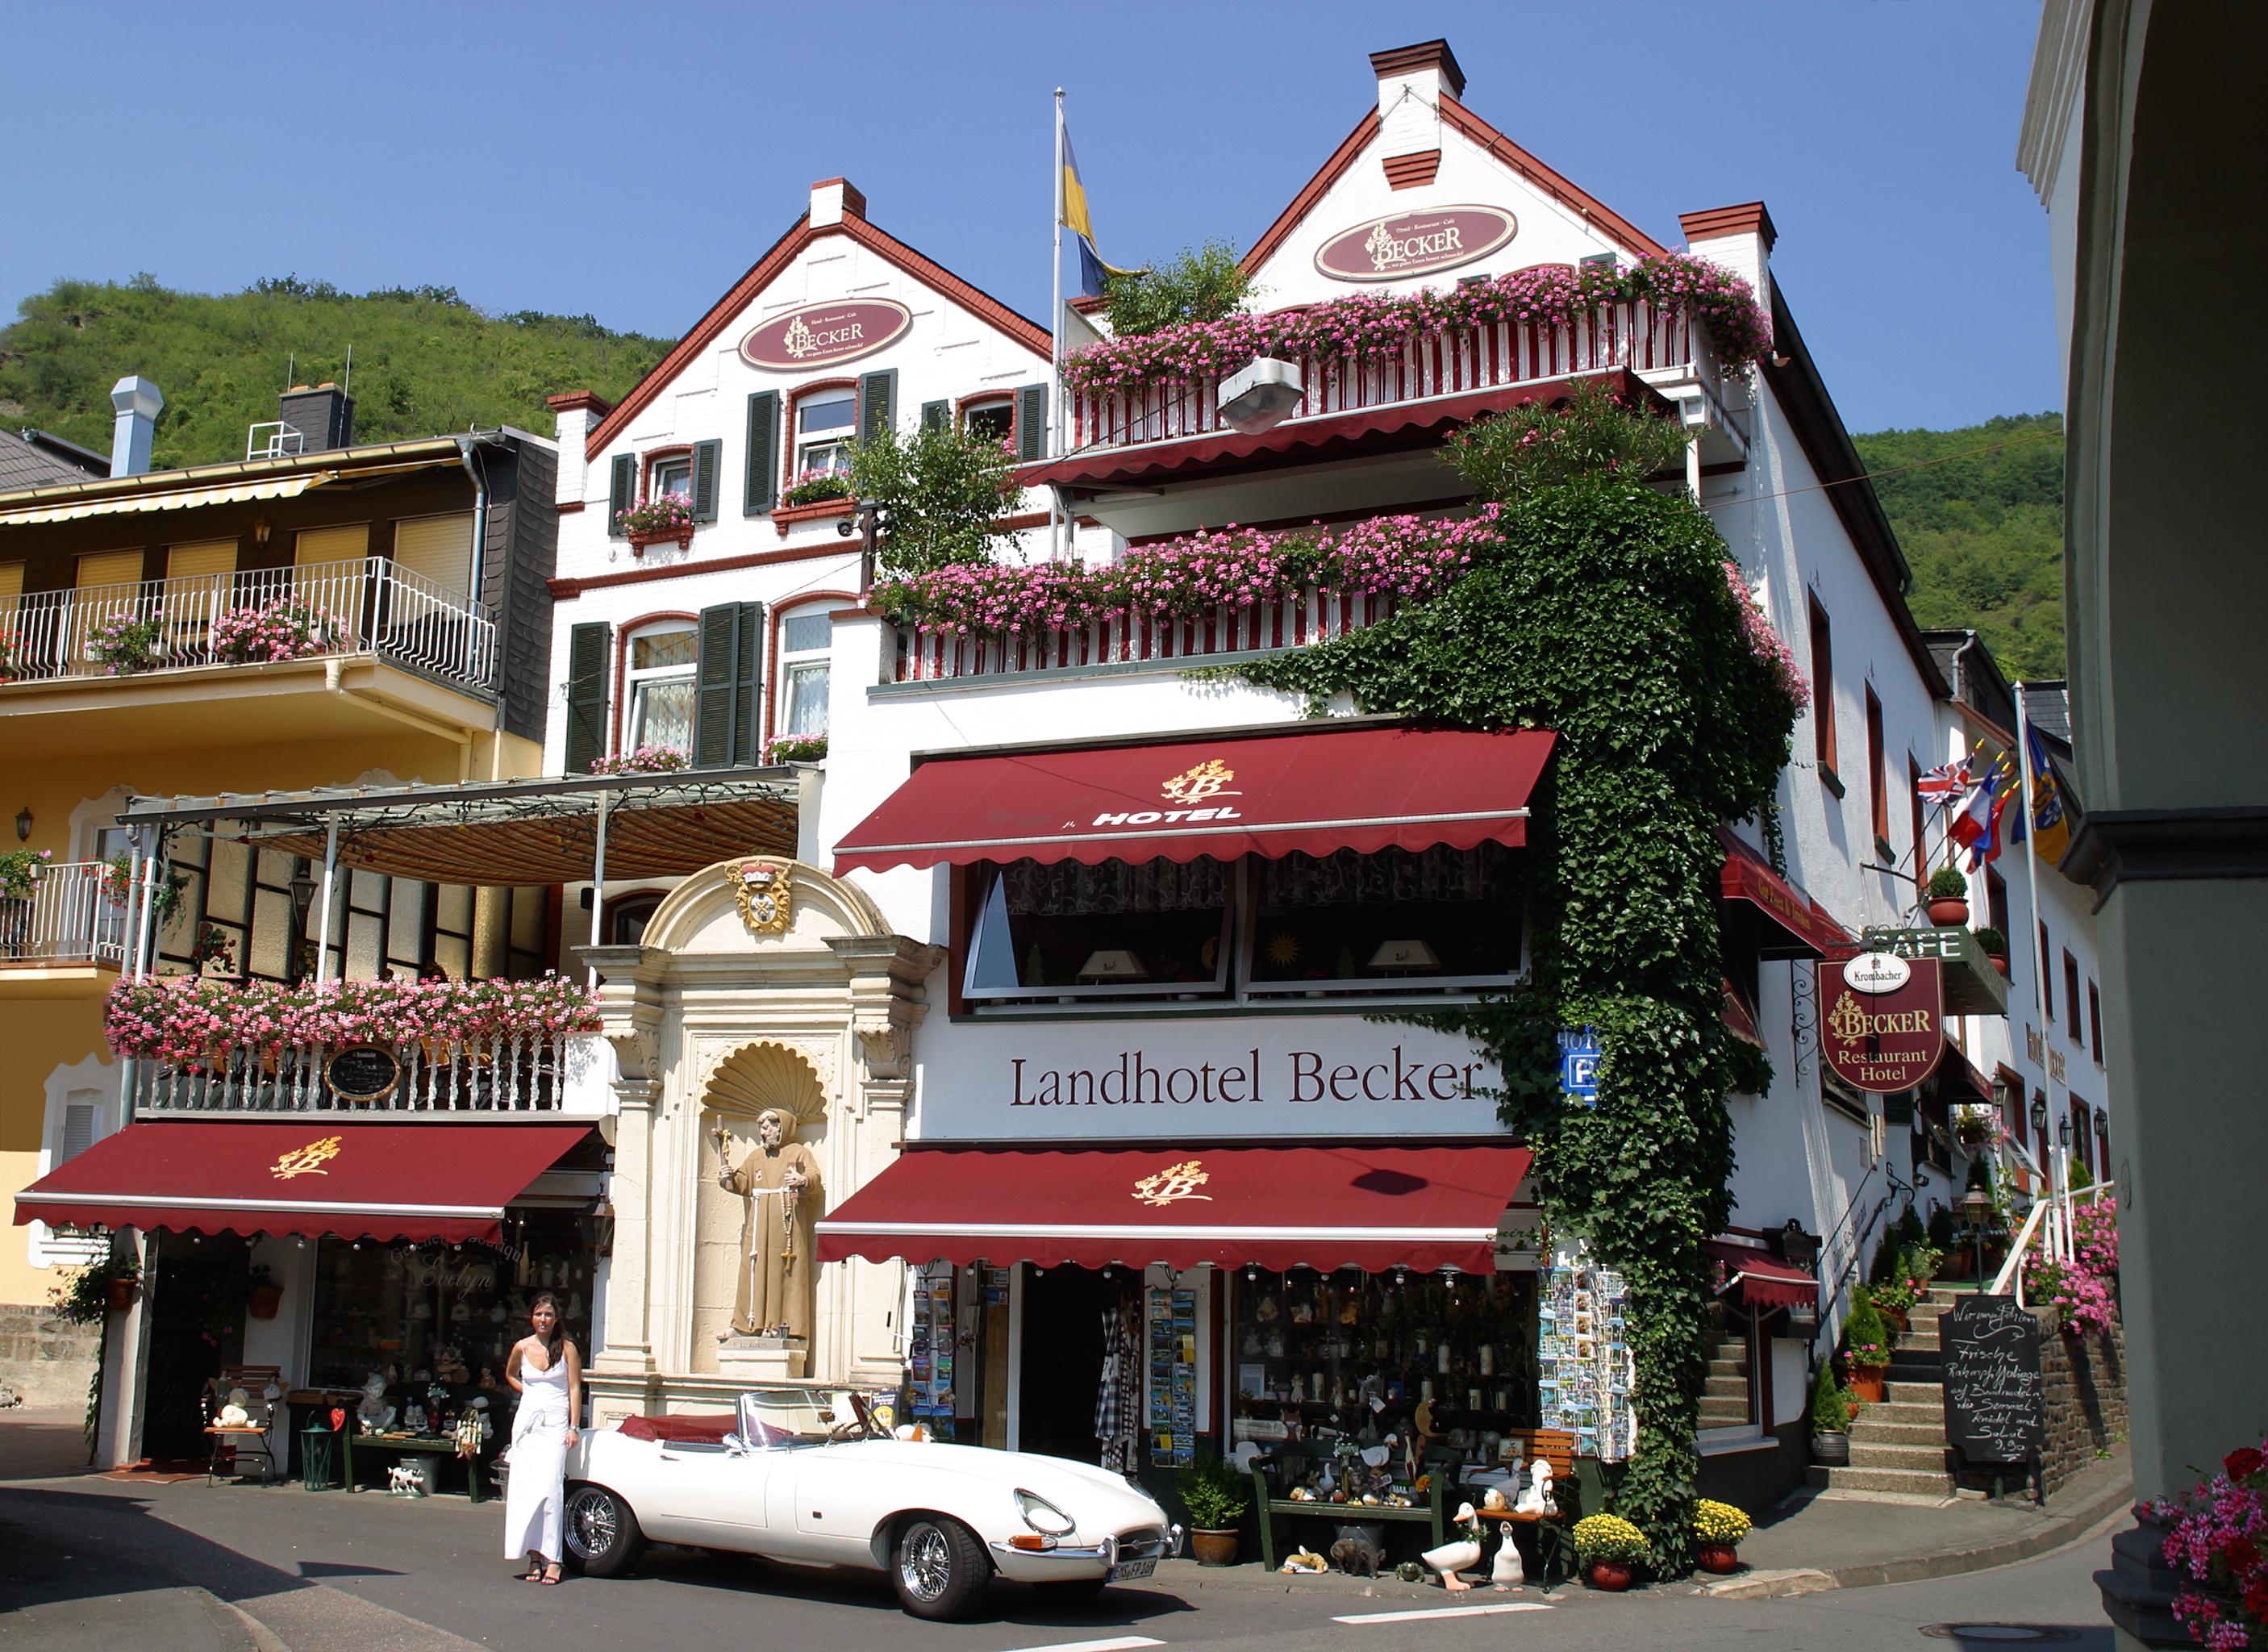 landhotel becker in kamp bornhofen holidaycheck rheinland pfalz deutschland. Black Bedroom Furniture Sets. Home Design Ideas